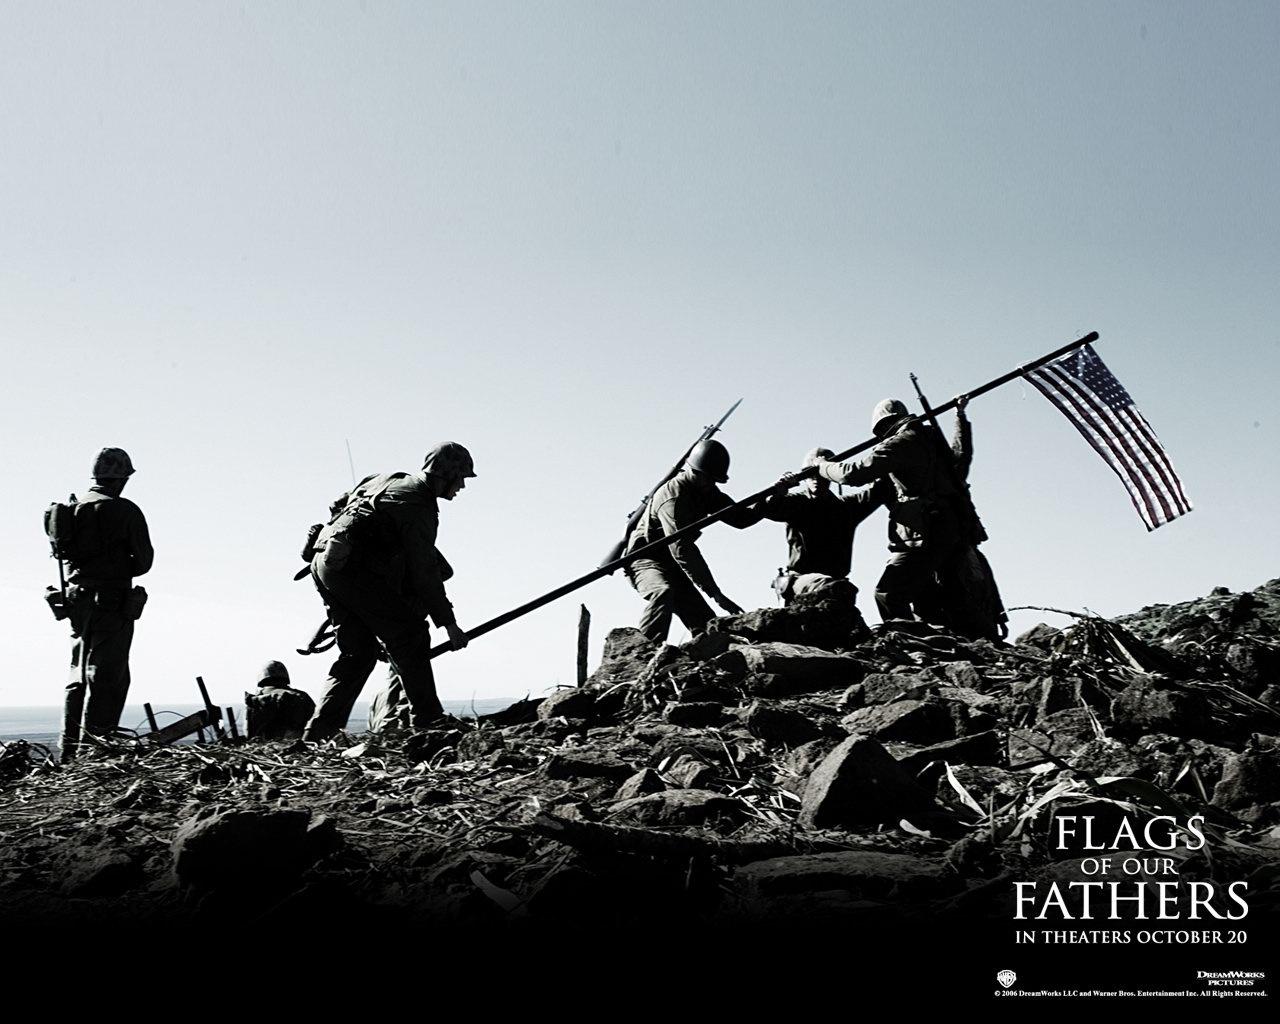 图库 电影剧照 > 父辈的旗帜壁纸